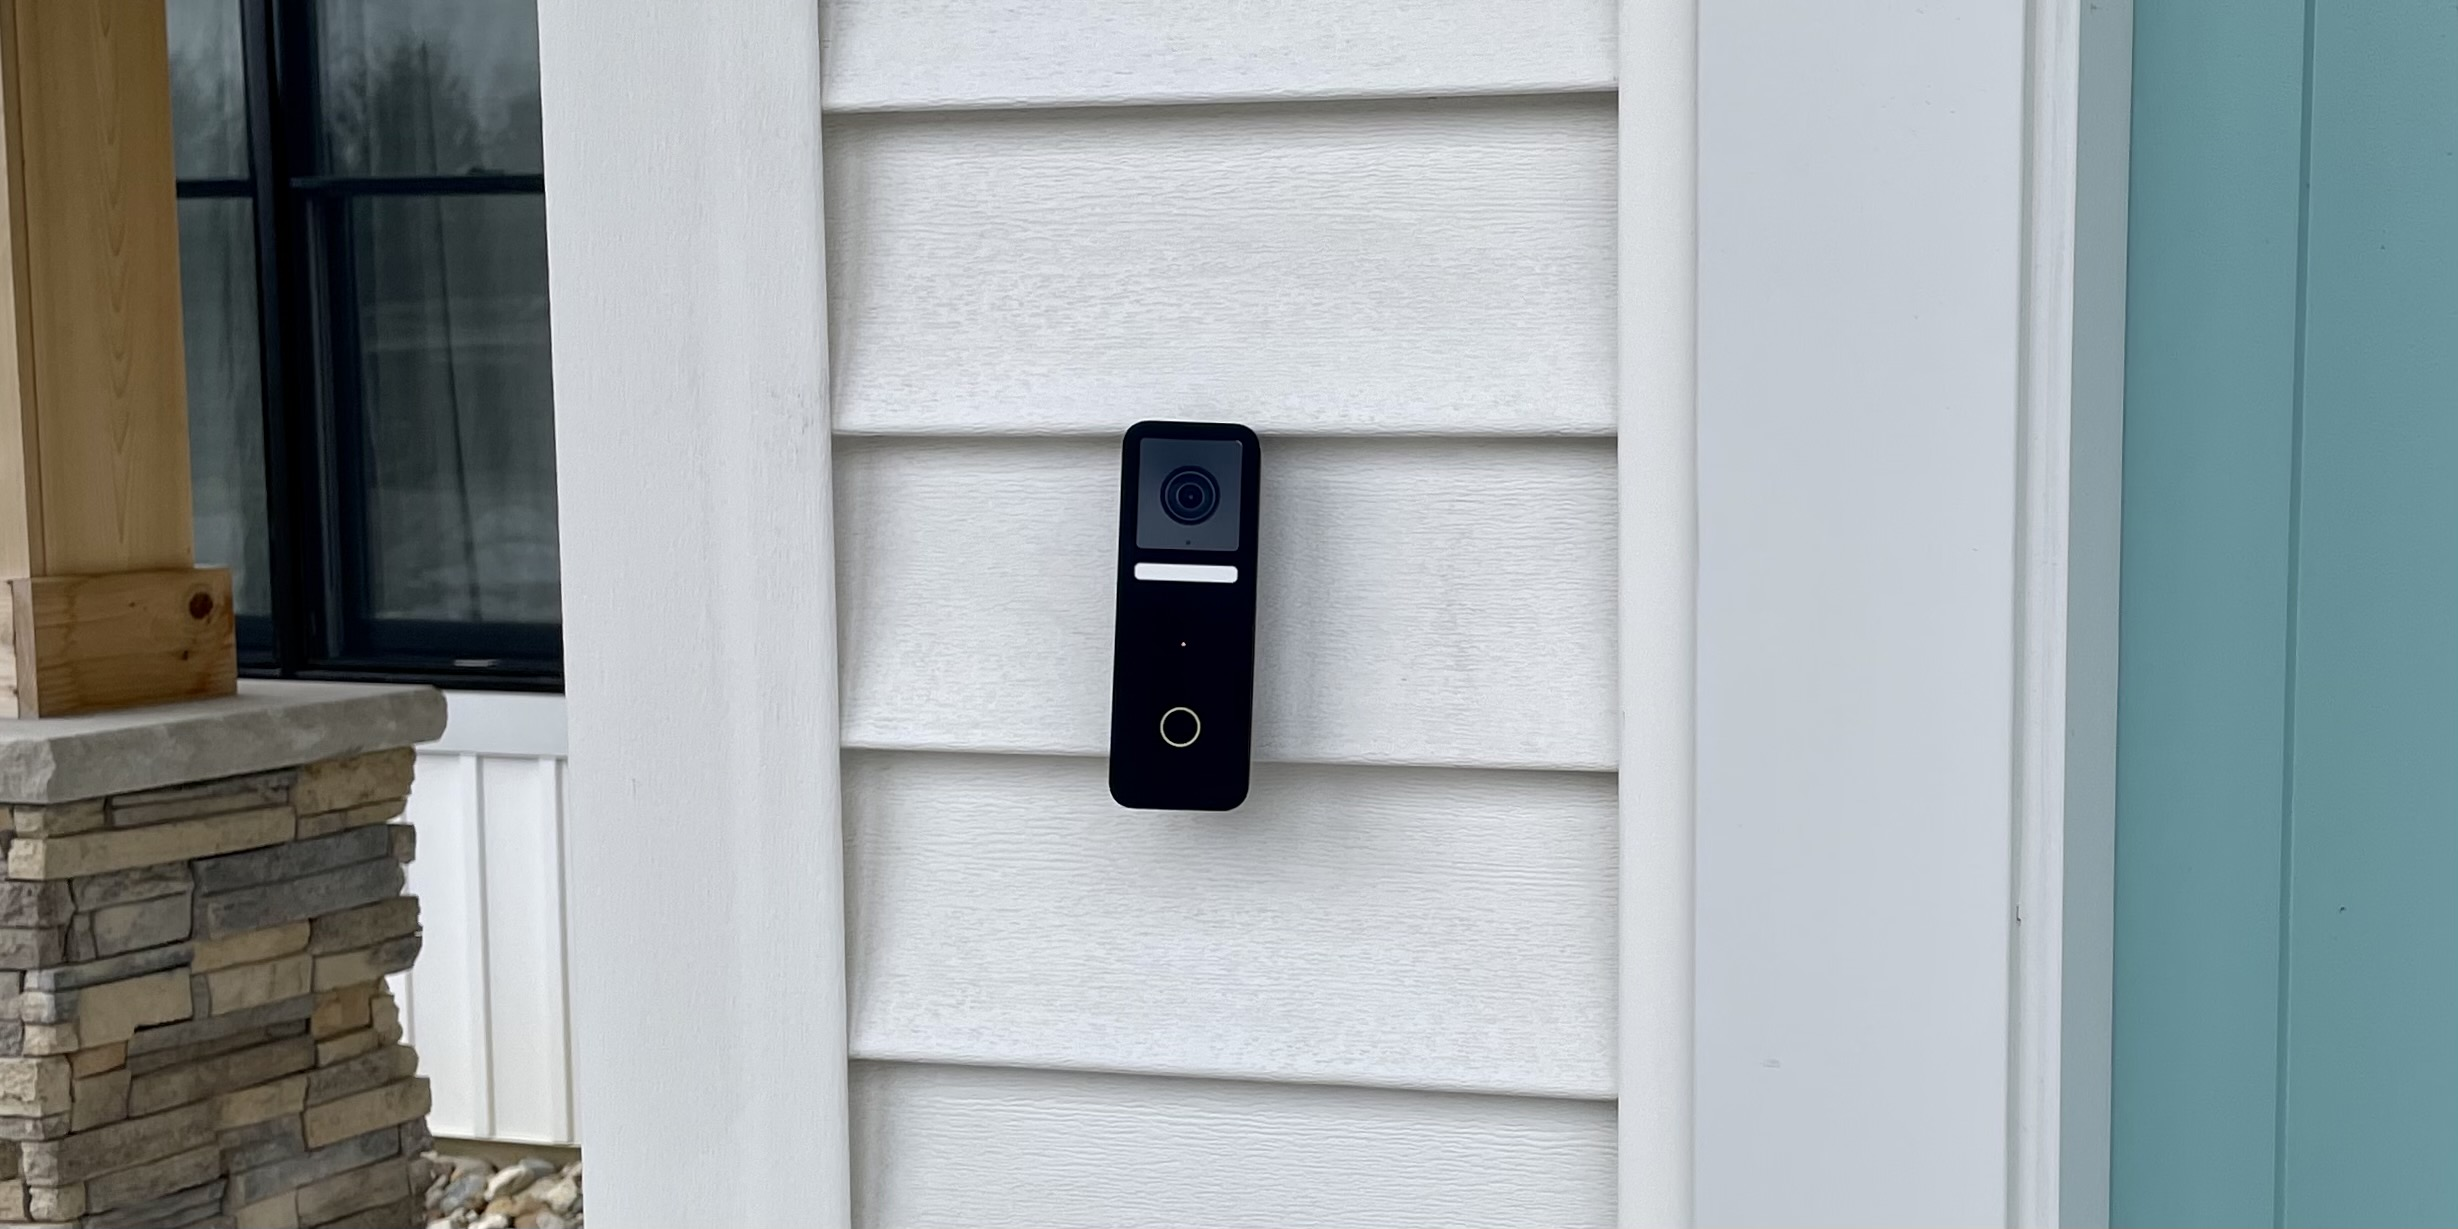 Logitech HomeKit doorbell verification